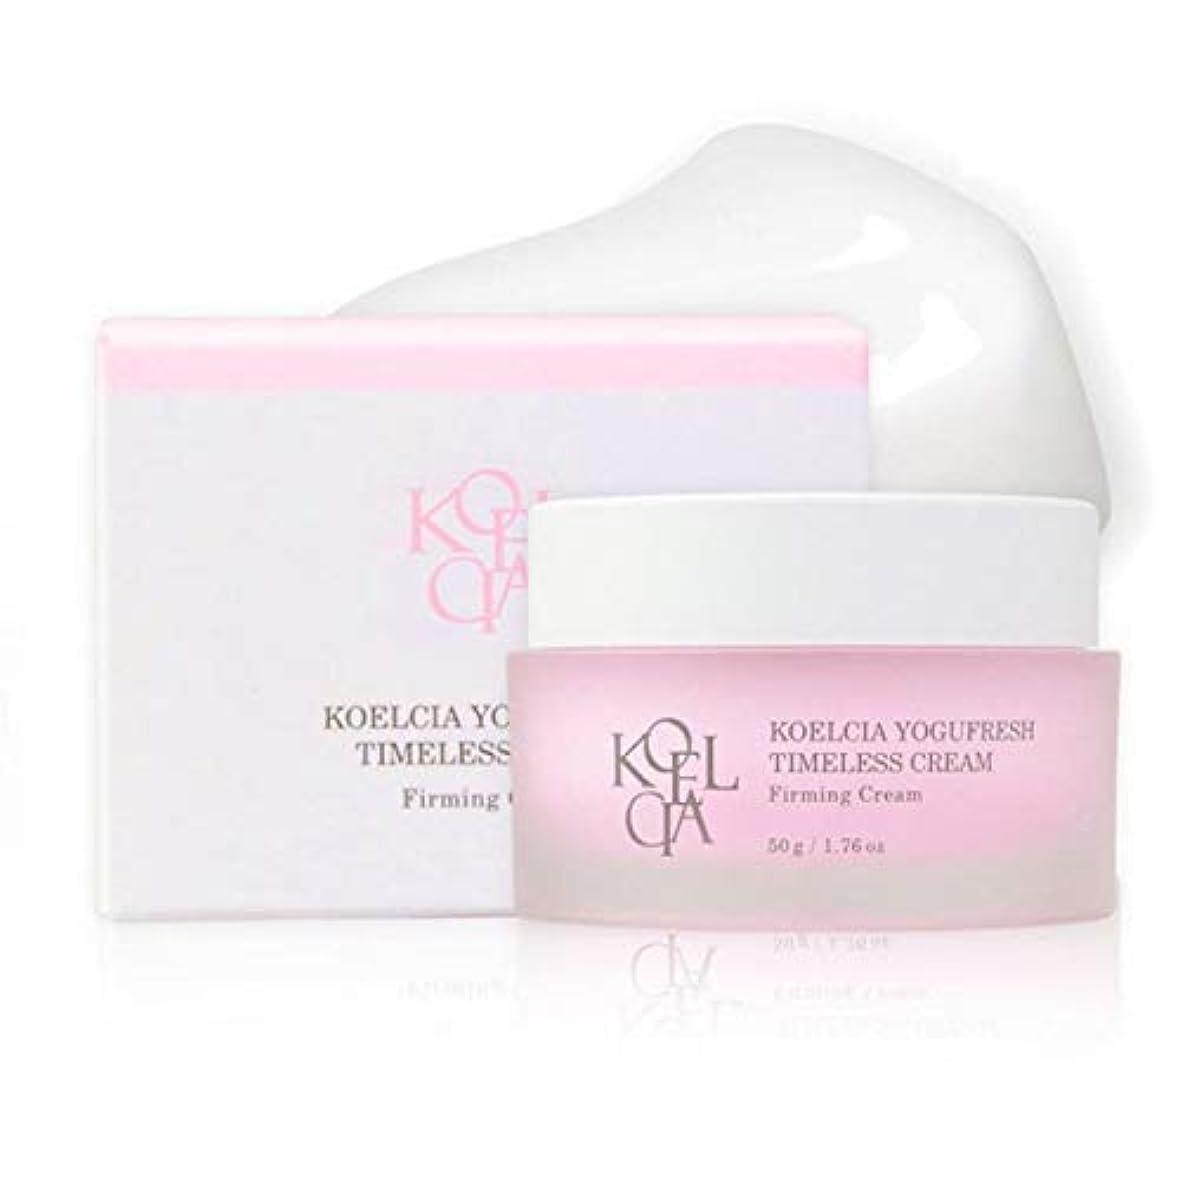 言い直す合図添付[KOELCIA] YOGUFRESH TIMELESS CREAM 50g/Most Hot K-Beauty Firming/Wrinkle Care Cream/Korea Cosmetics [並行輸入品]